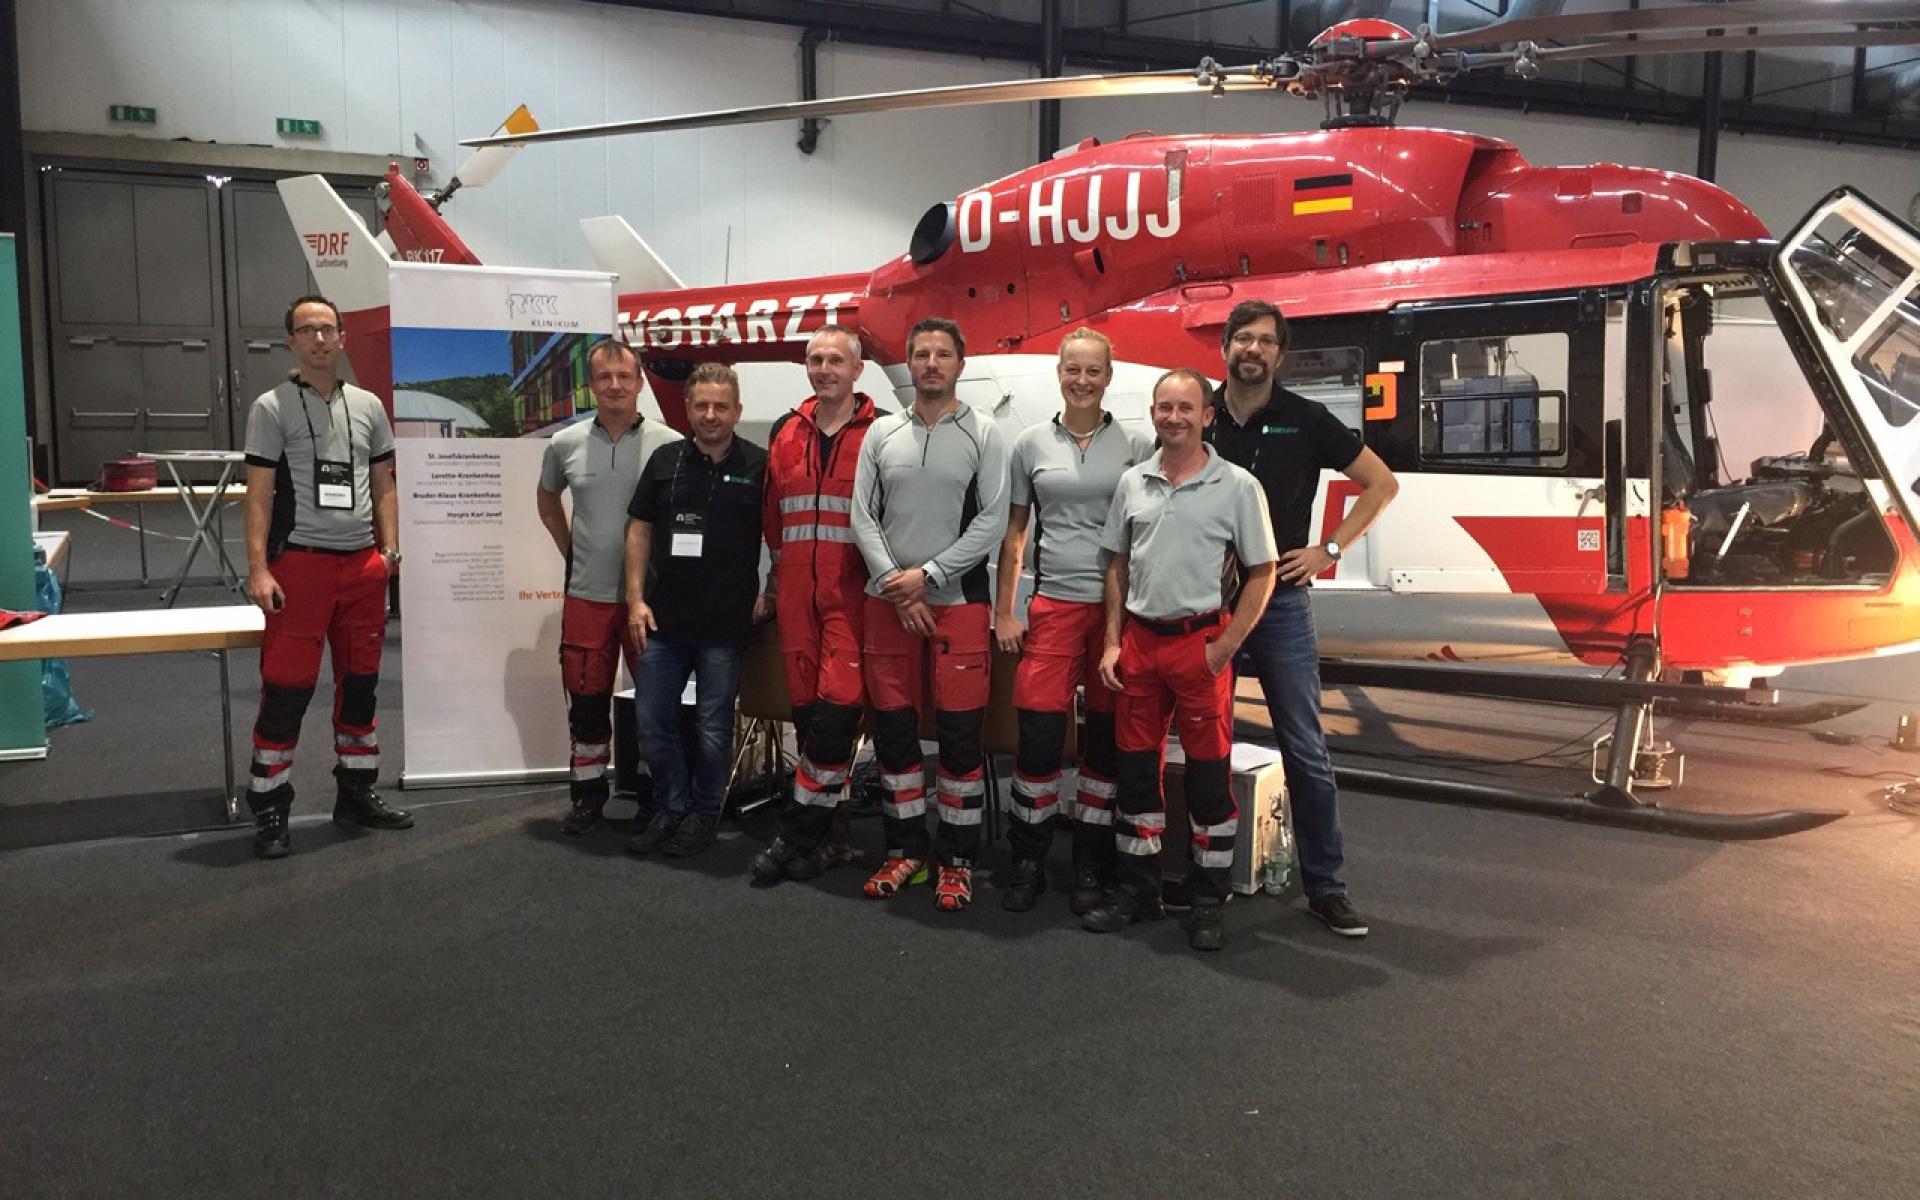 Lange Vorbereitungen, großer Erfolg. Ein Teil des Simulations-Teams vor dem Hubschrauber.